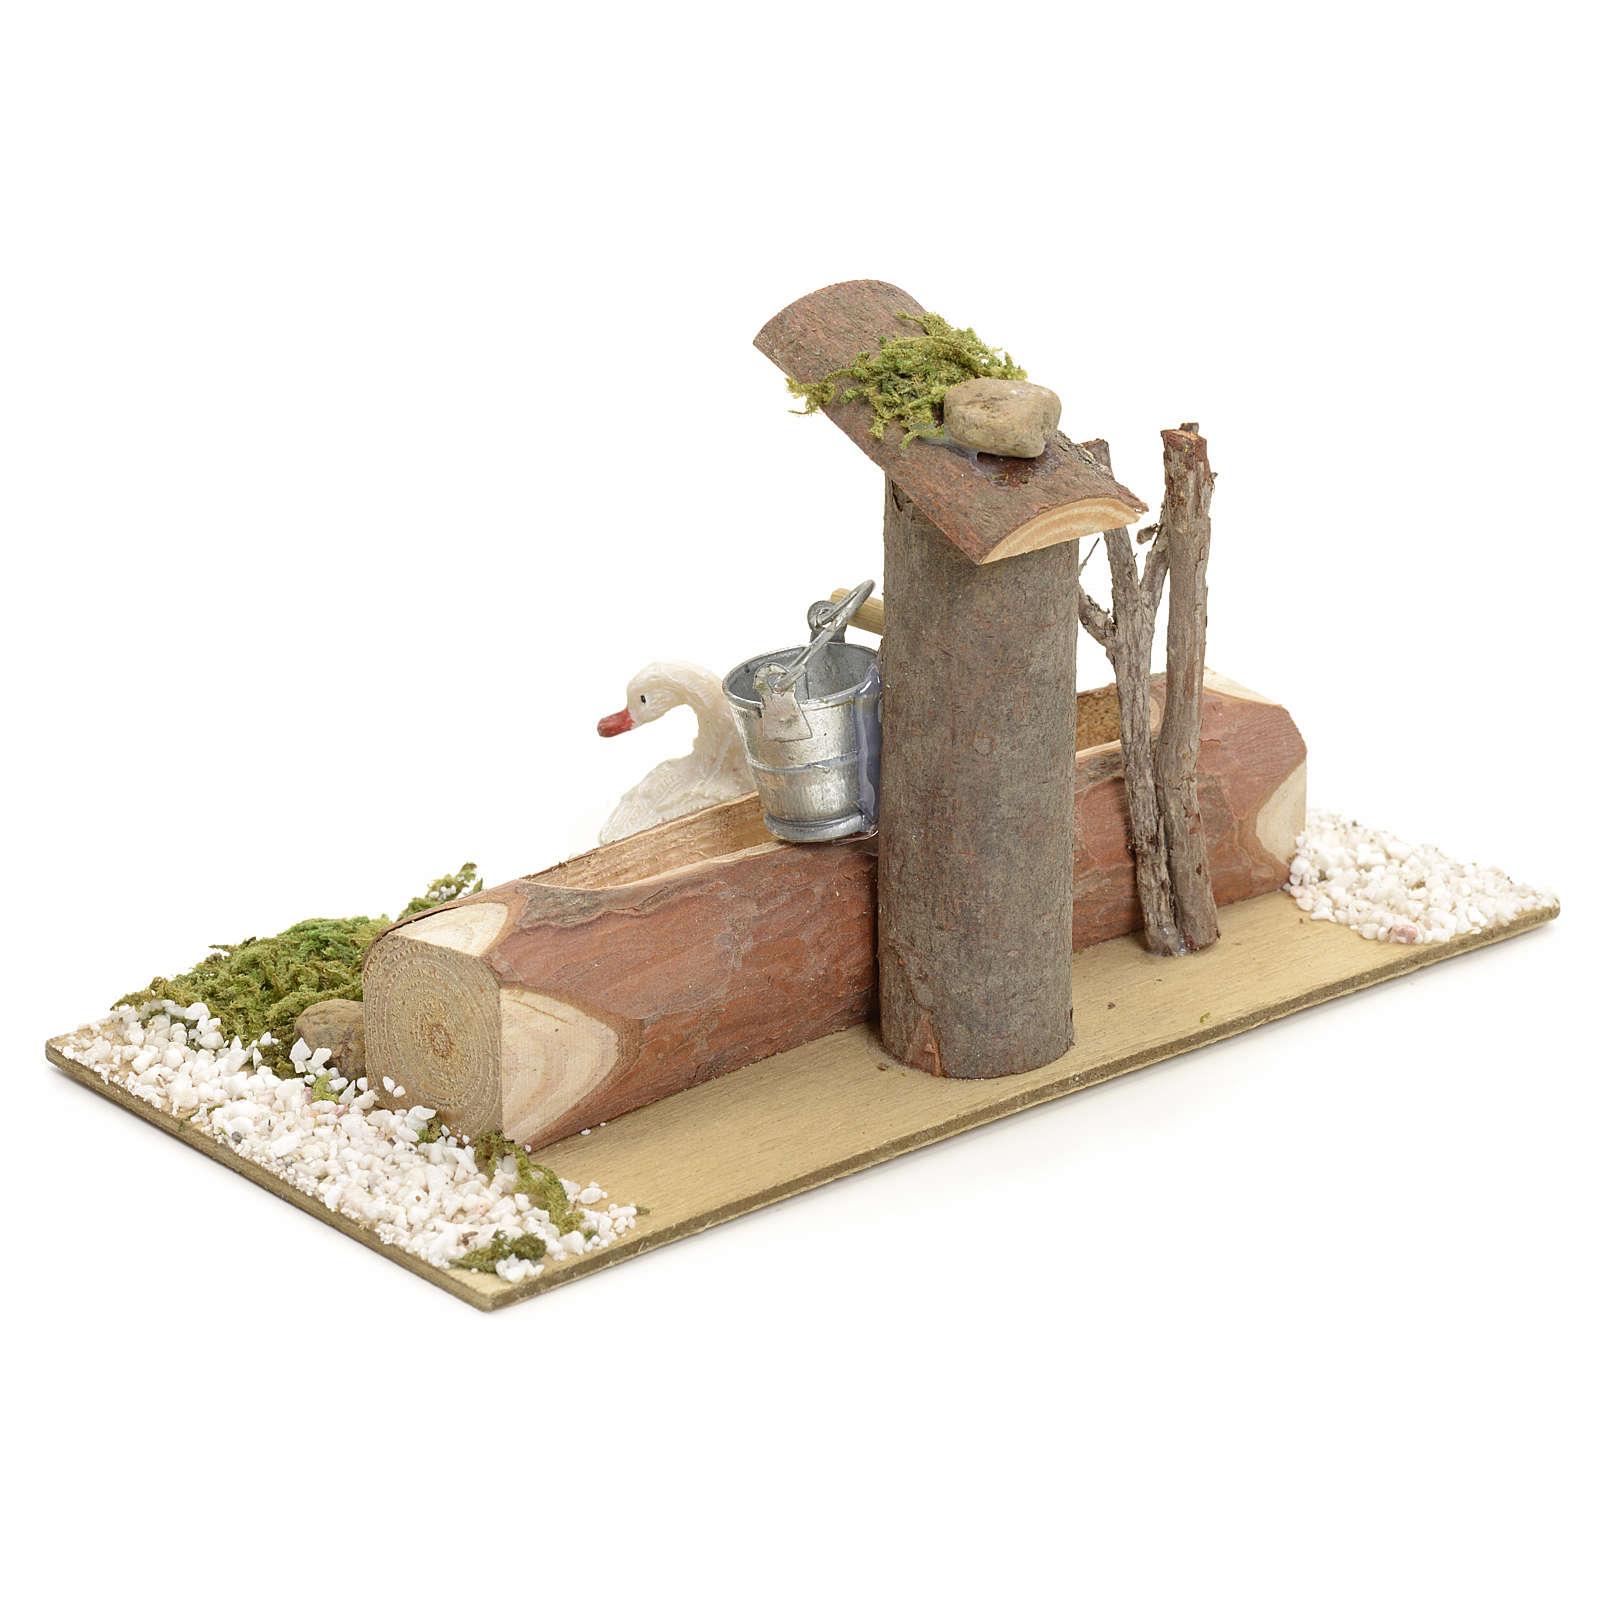 Fontana nel tronco ambientazione presepe 4